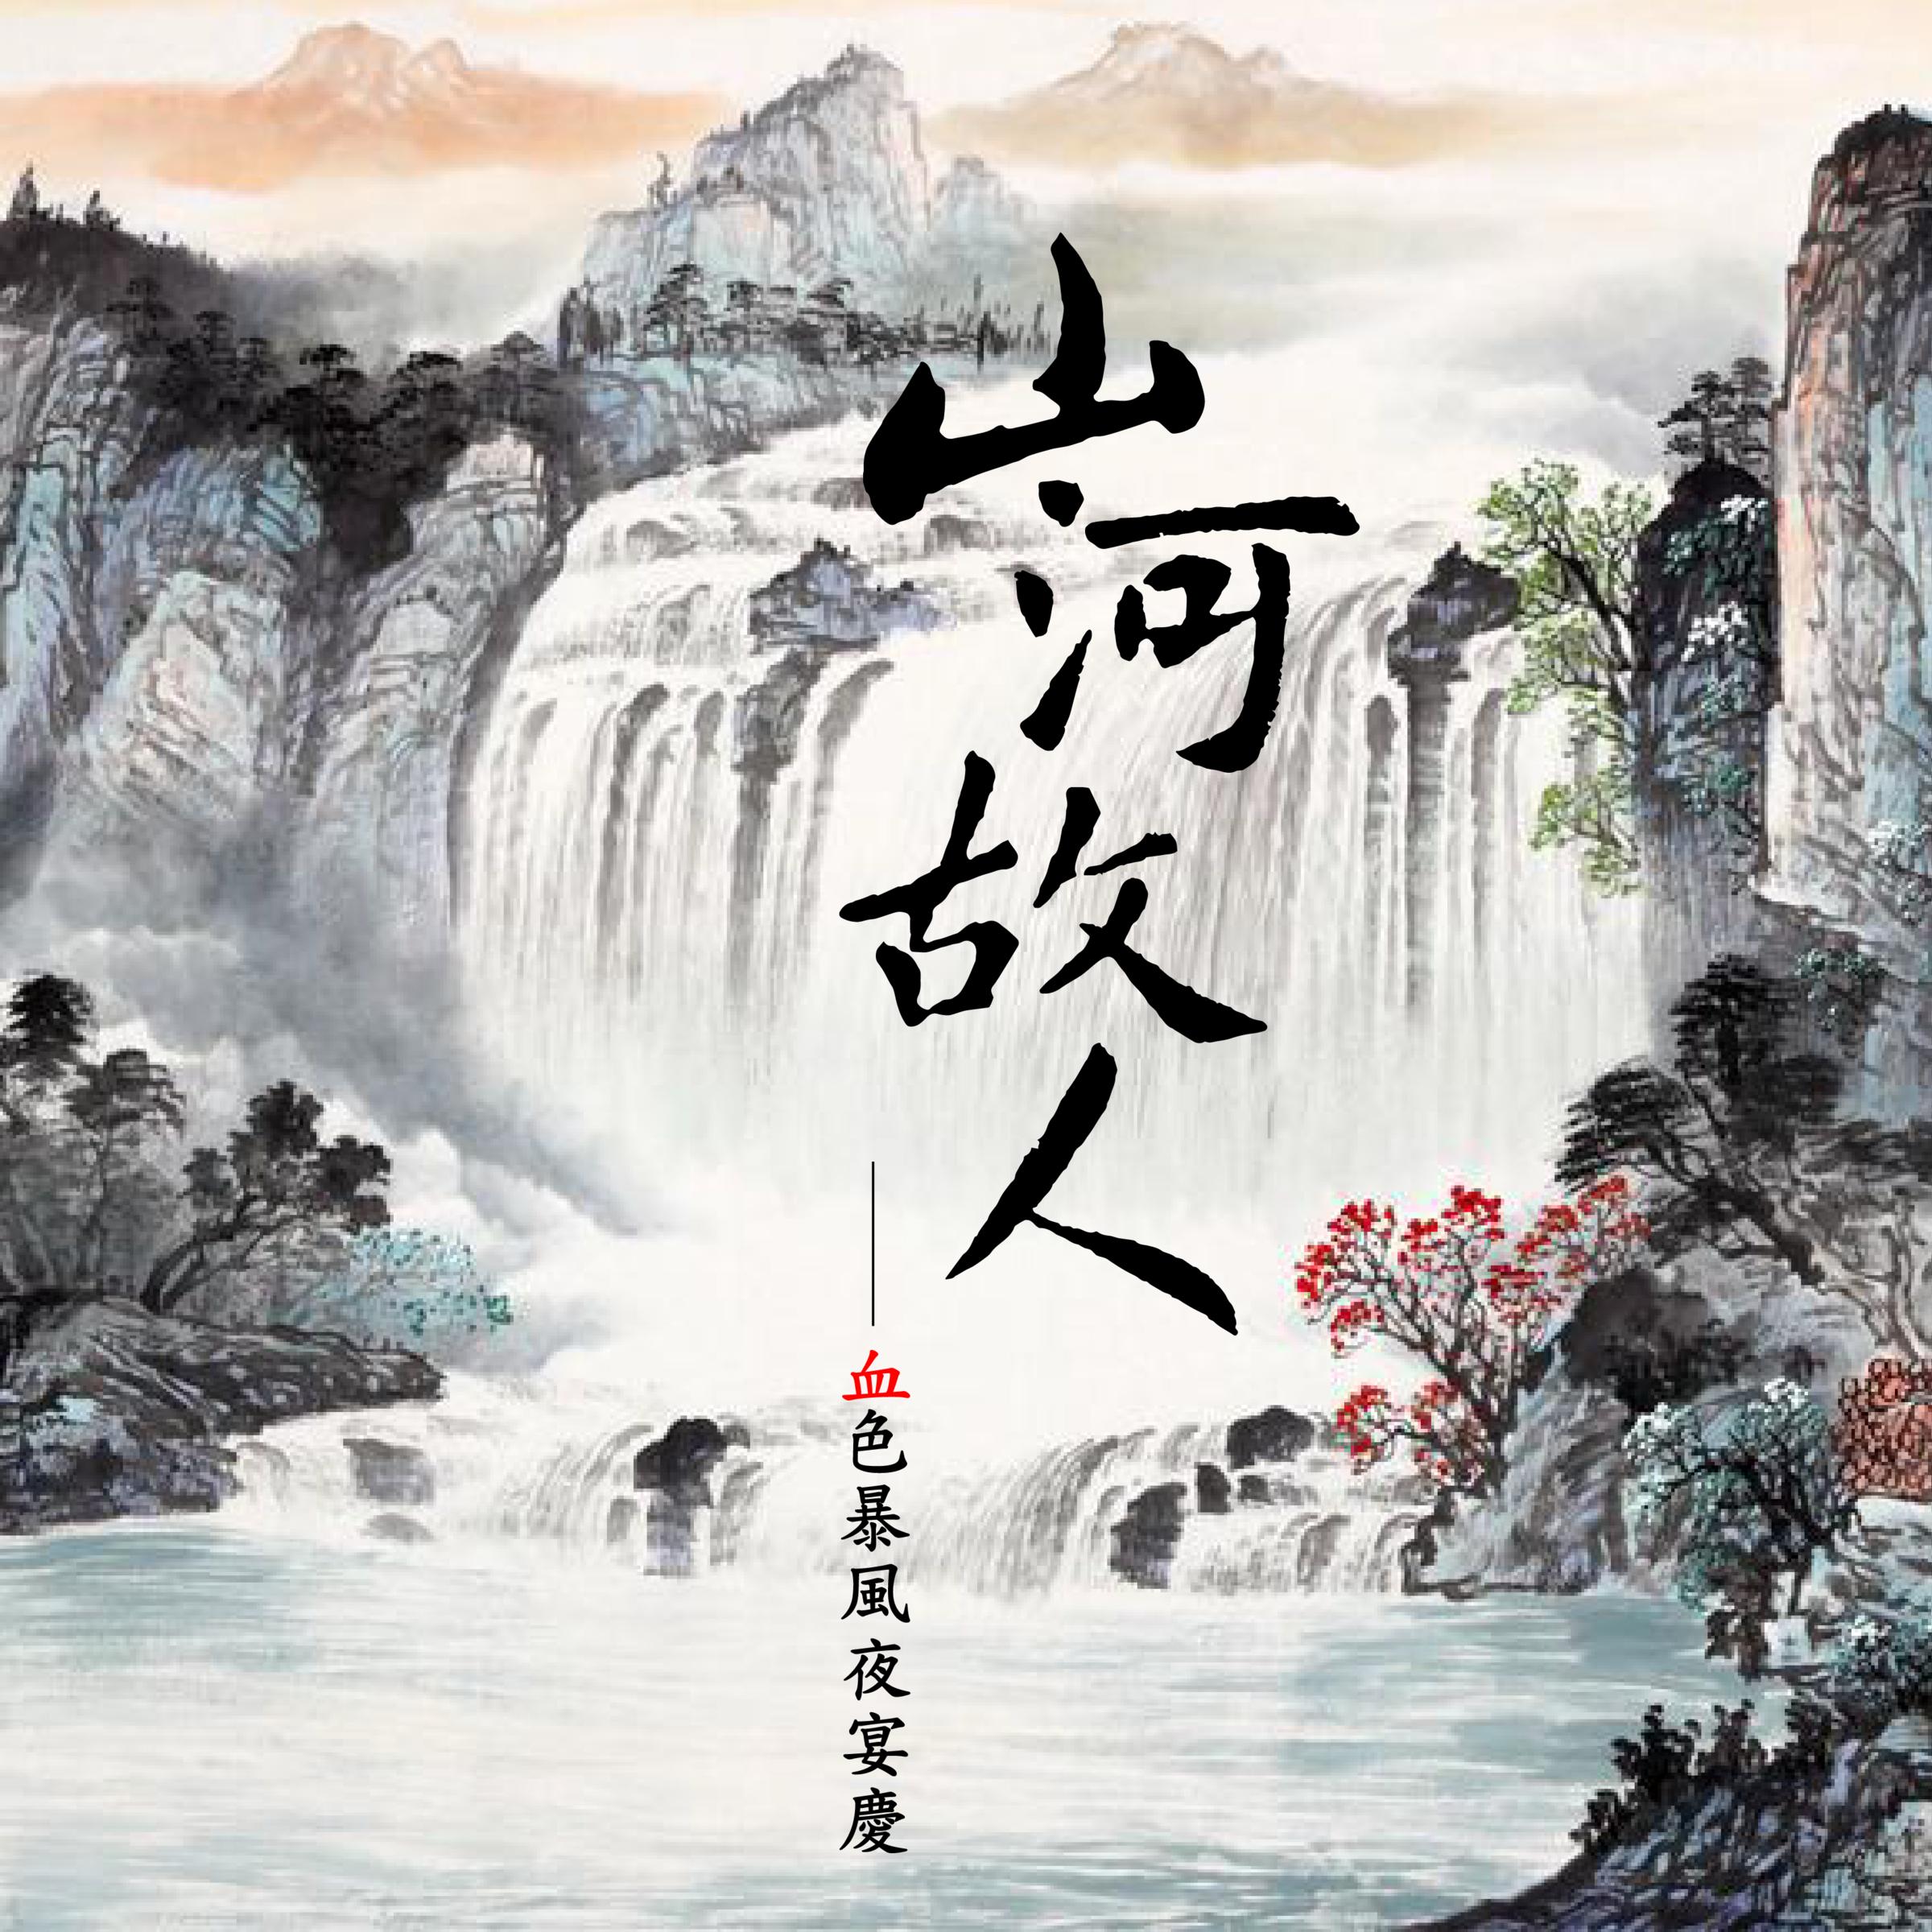 山河故人Cover-01.png